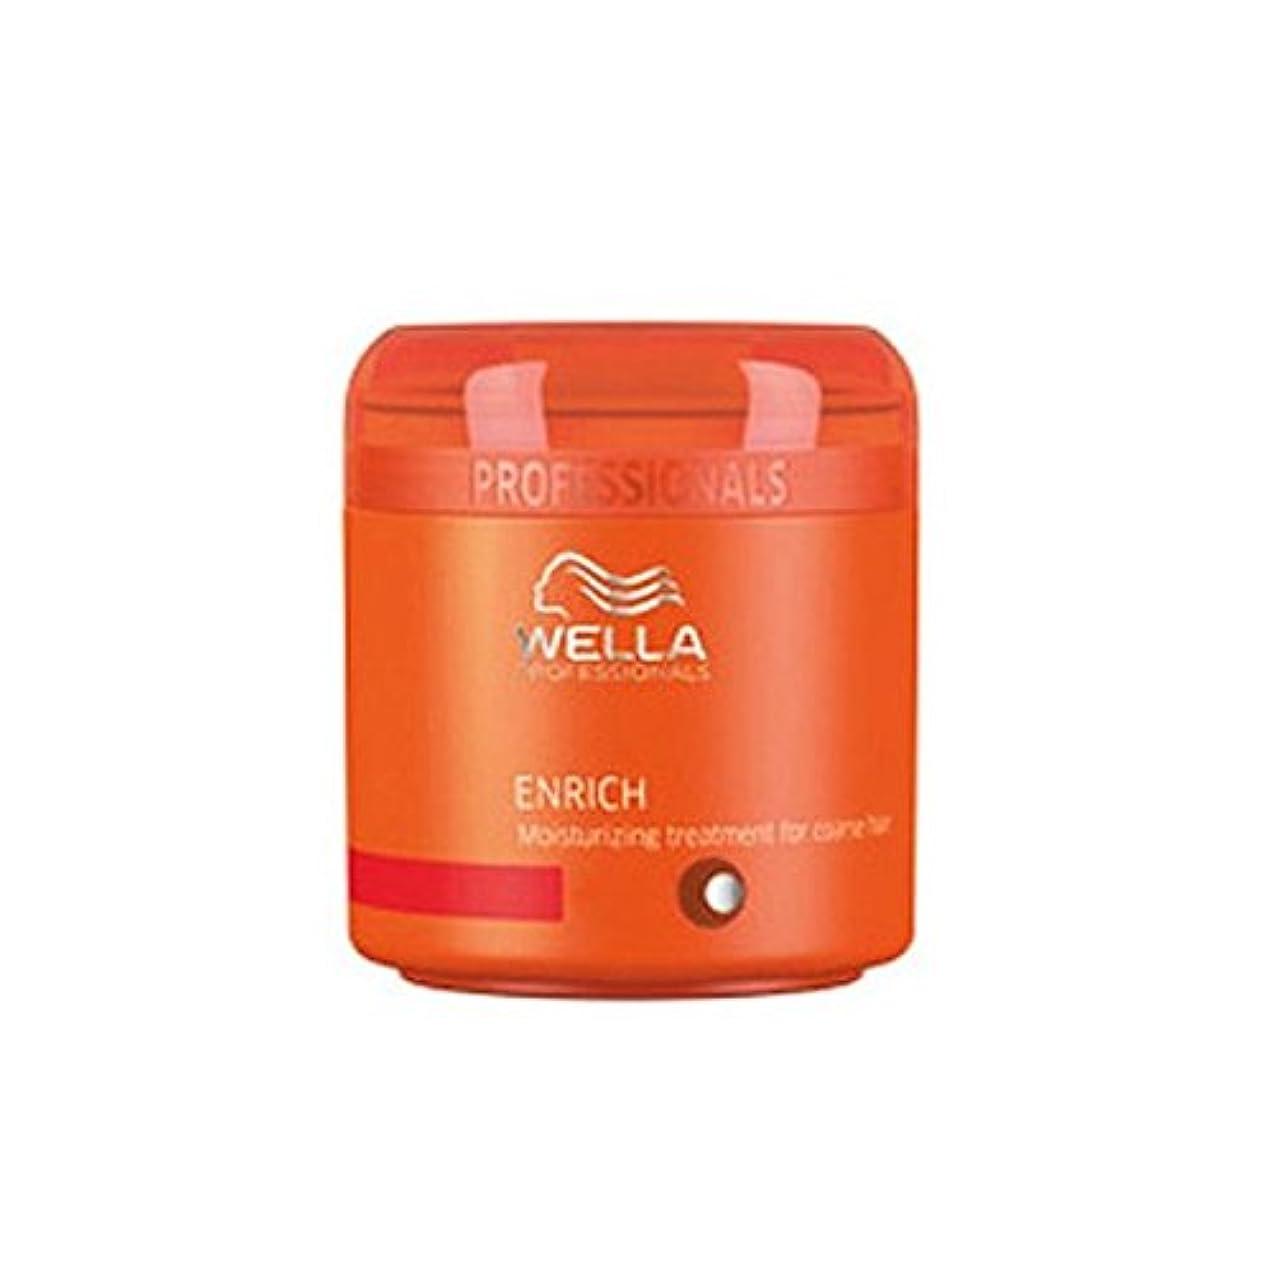 リップ満員自発的Wella Professionals Enrich Moisturising Treatment For Coarse Hair (150ml) - ウェラの専門家は粗い毛(150ミリリットル)のための保湿トリートメントを豊かに [並行輸入品]